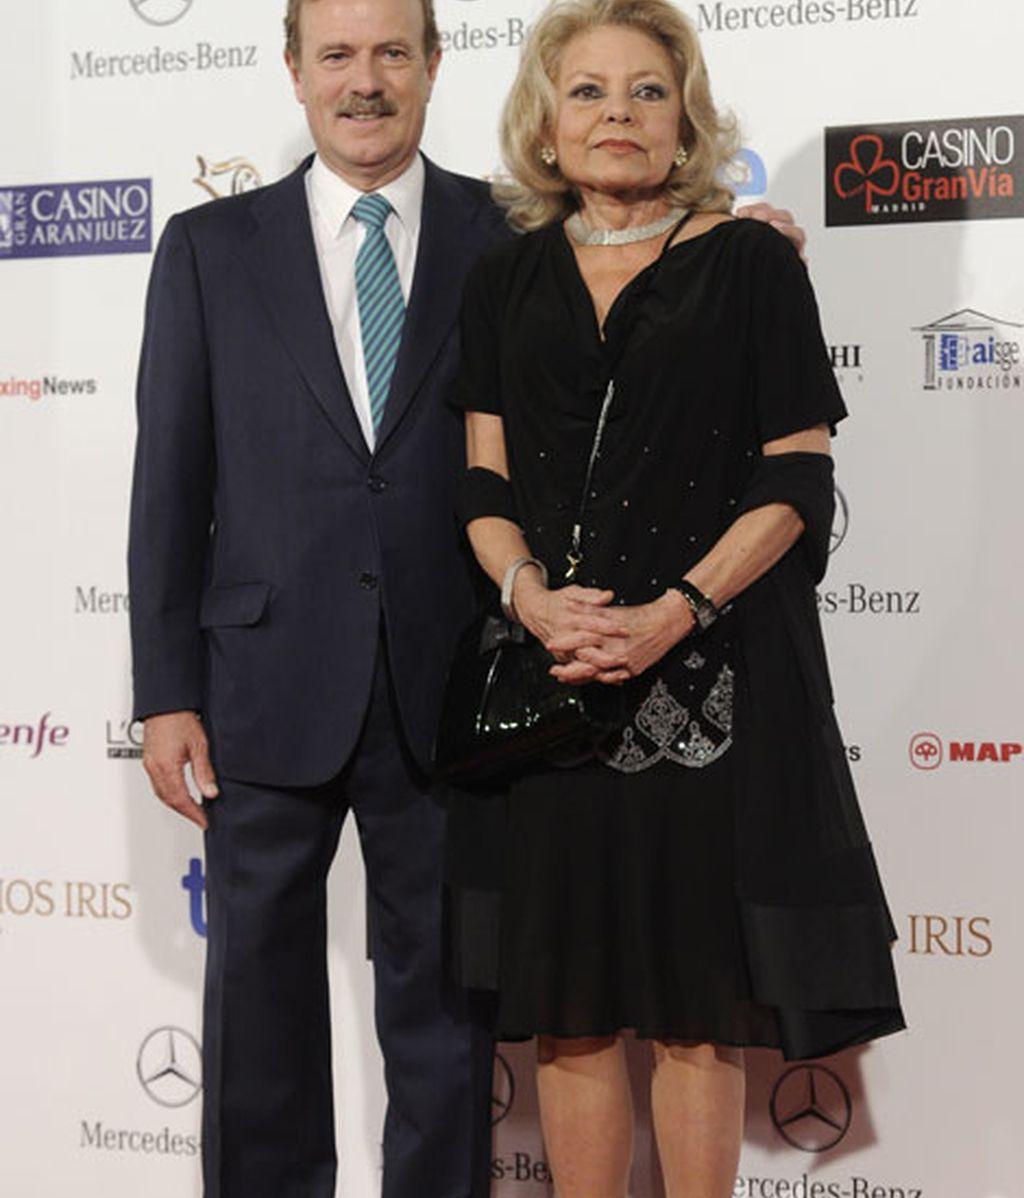 Manuel Campo Vidal y Mayra Gómez Kemp posaron juntos